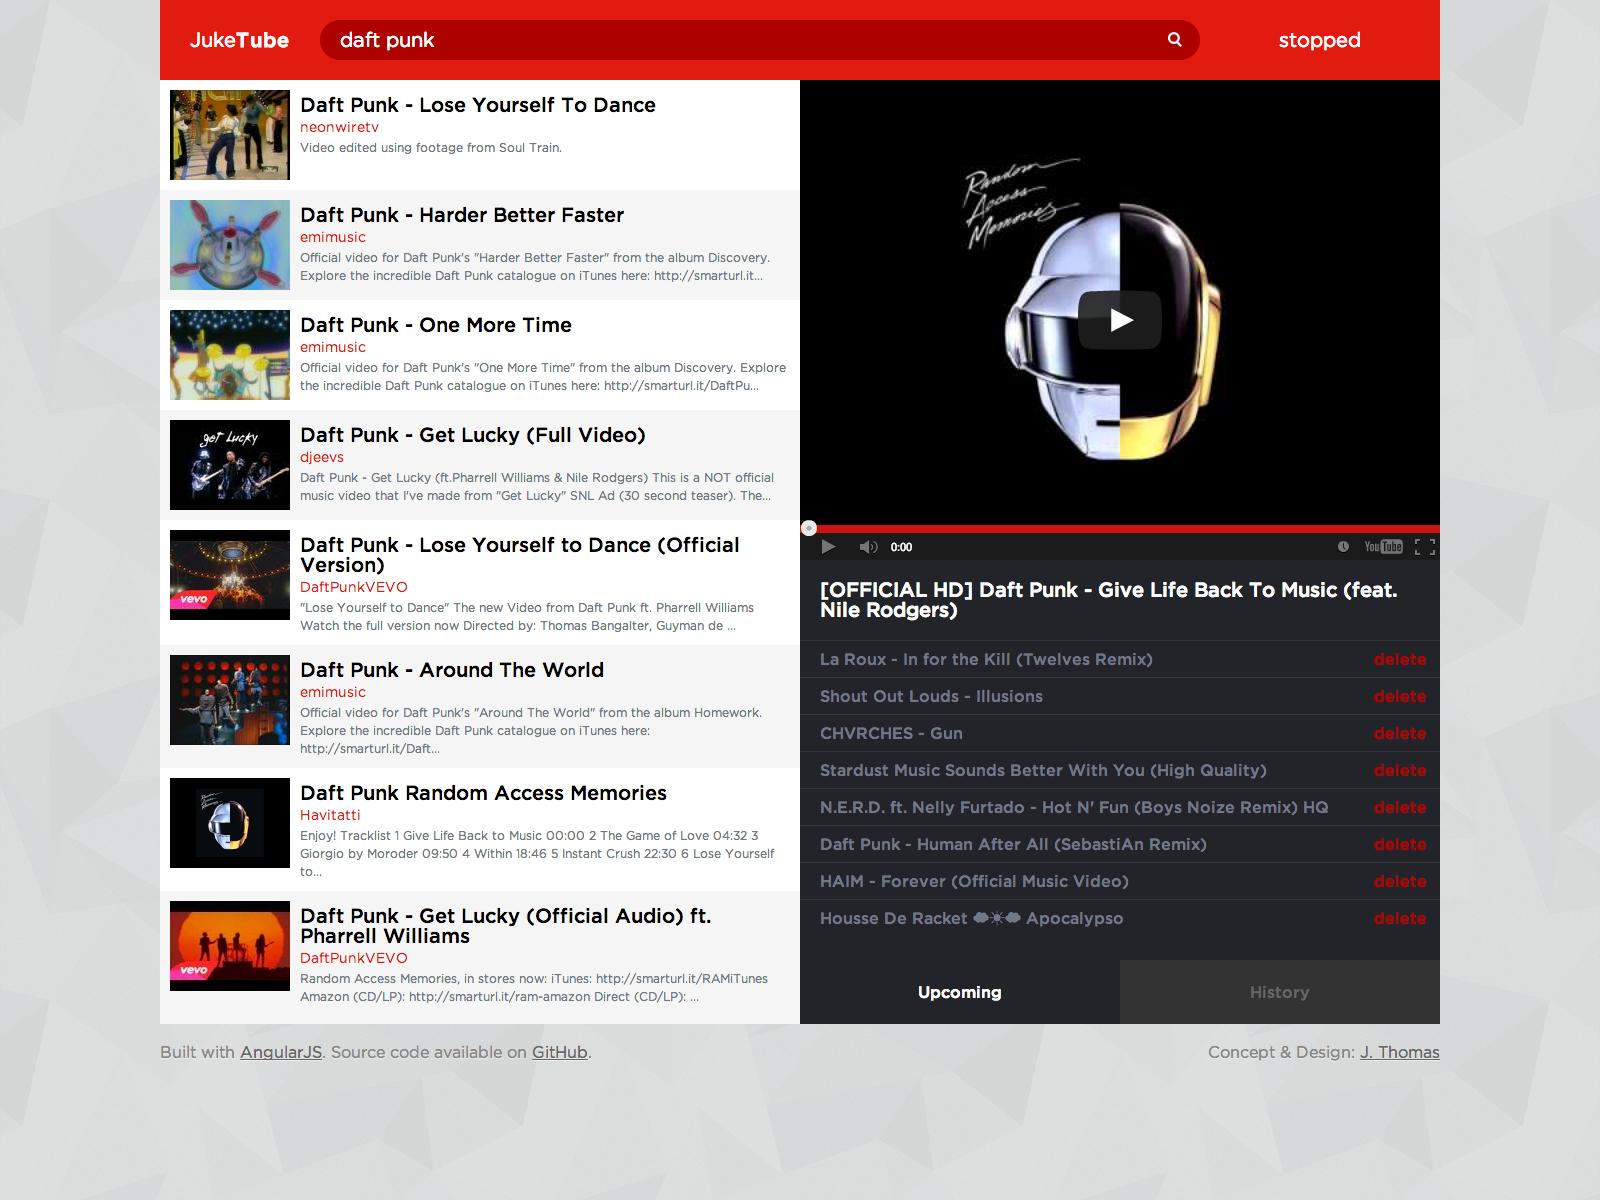 GitHub - jgthms/juketube: A YouTube jukebox built with AngularJS